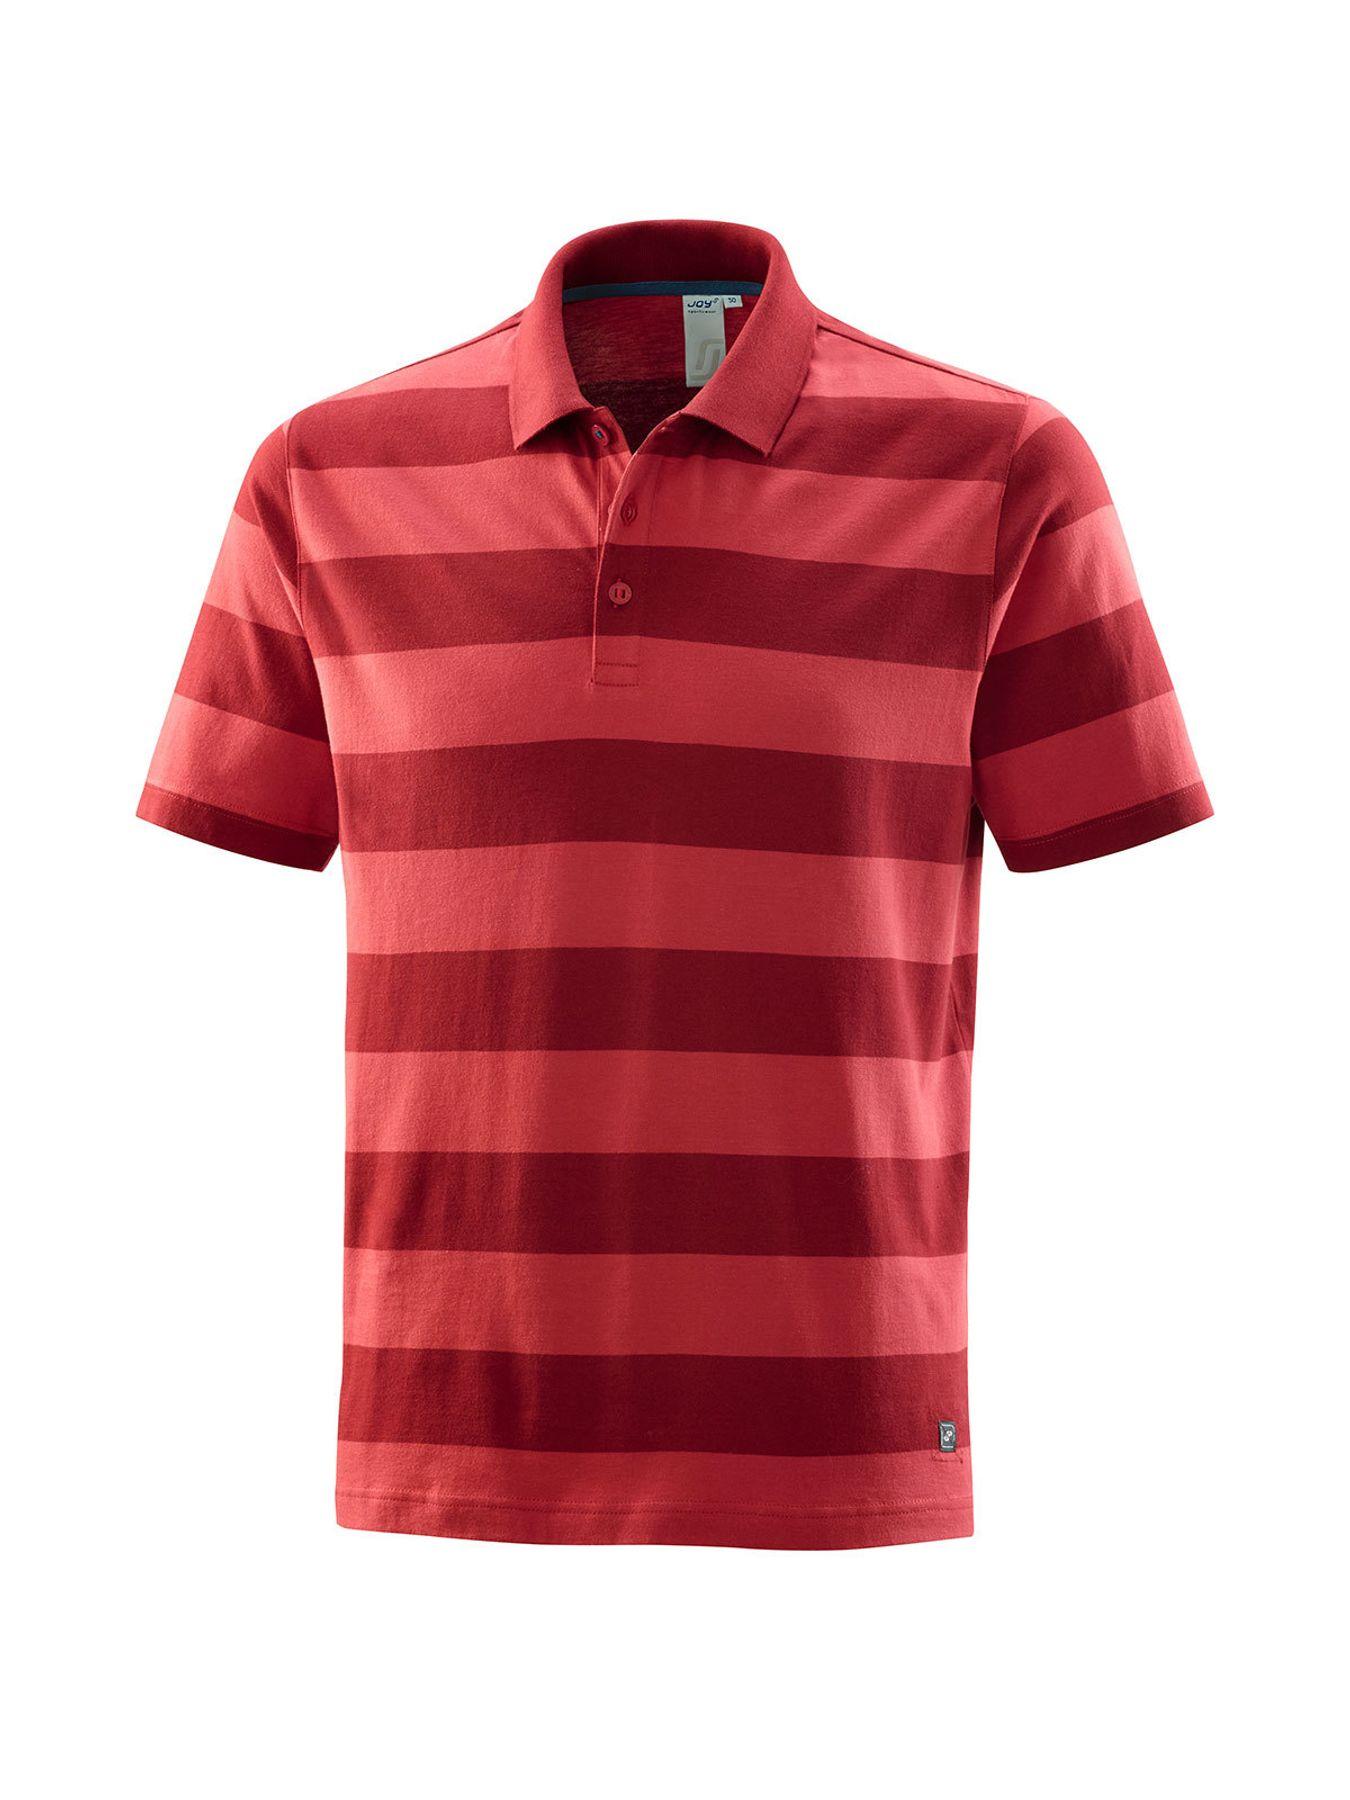 Joy - Herren Sport und Freizeit Poloshirt, Benito (40222) – Bild 2